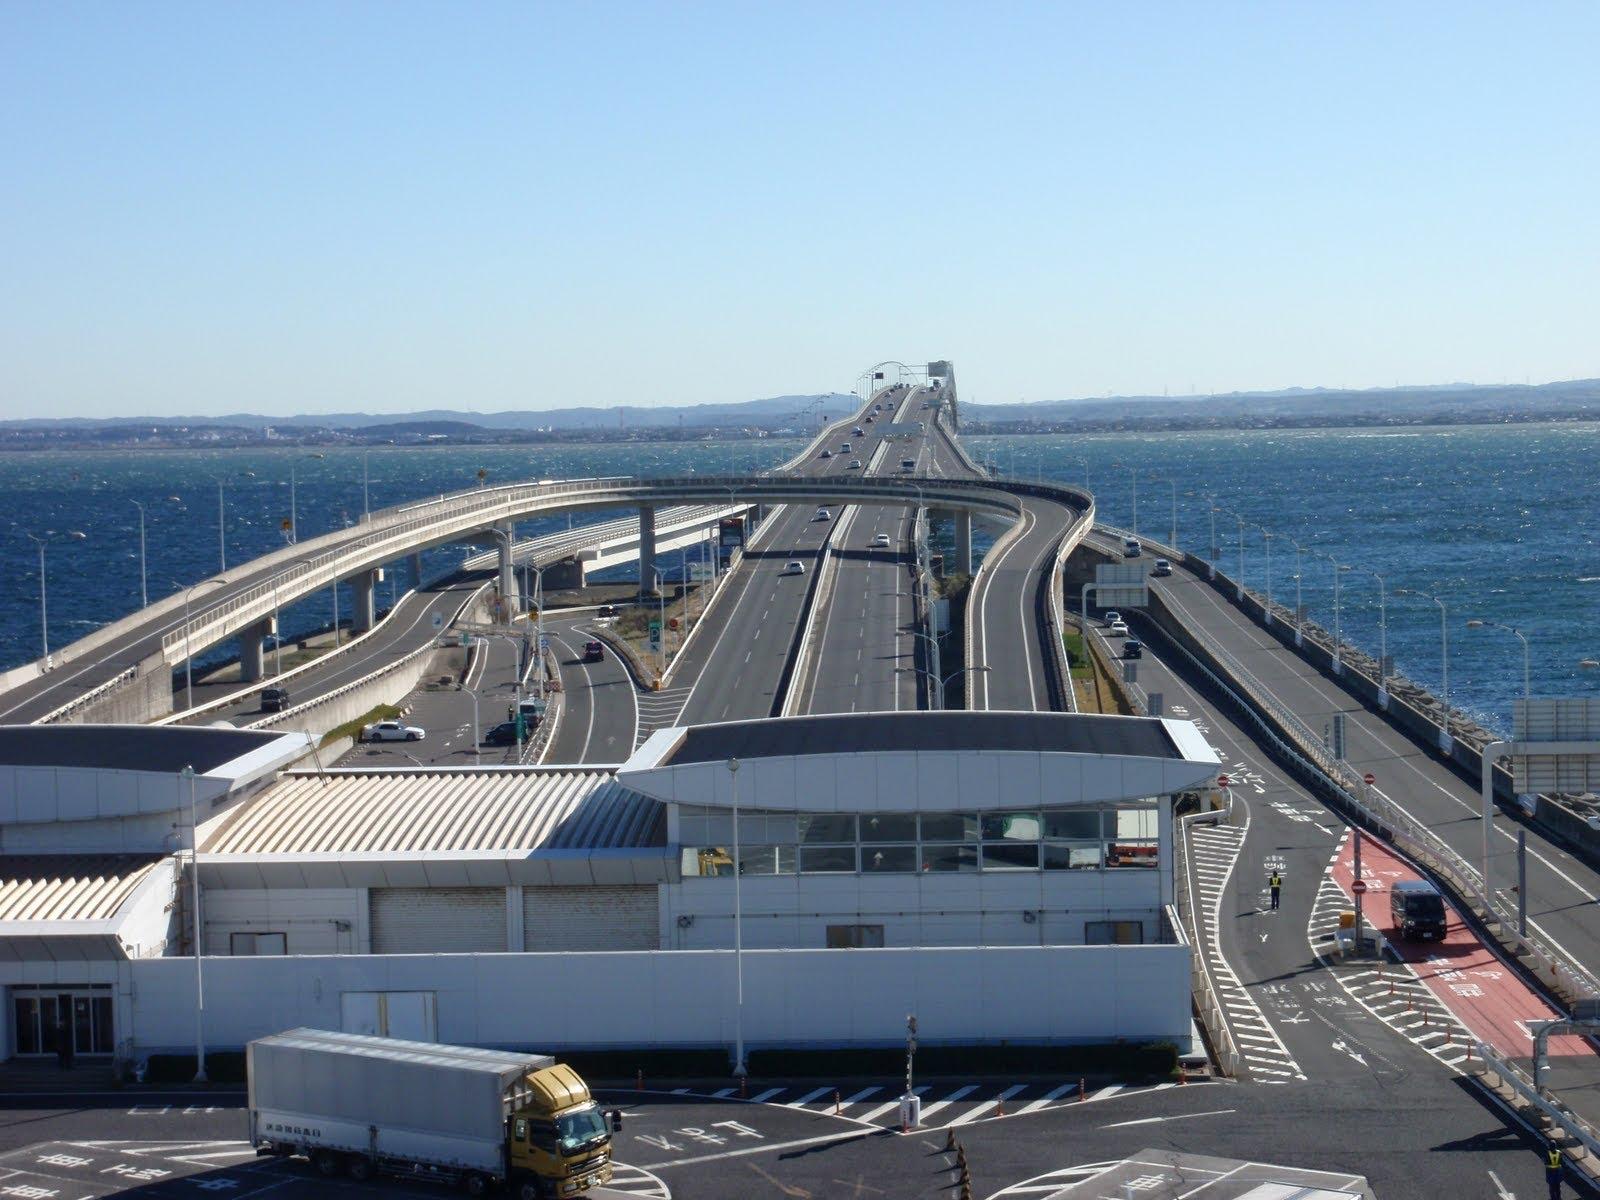 Tokyo Bay Aqua line 2